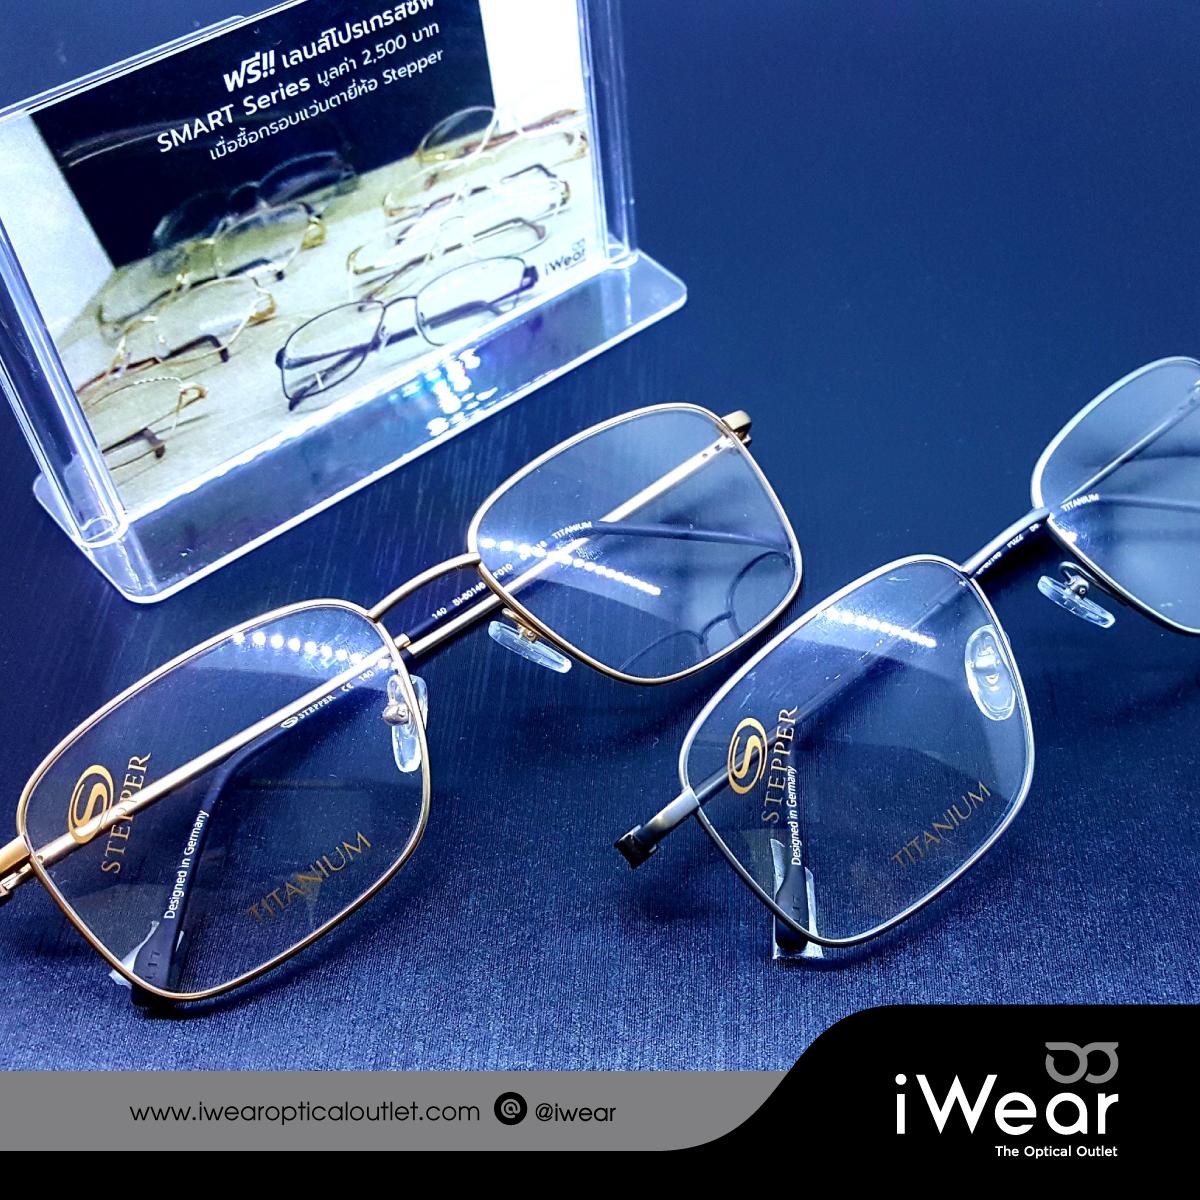 """โปรโมชั่นซื้อกรอบแว่นตา """"Stepper Titanium"""" รับฟรี! """"เลนส์ Progressive Smart"""" มูลค่า 2500 บาท"""